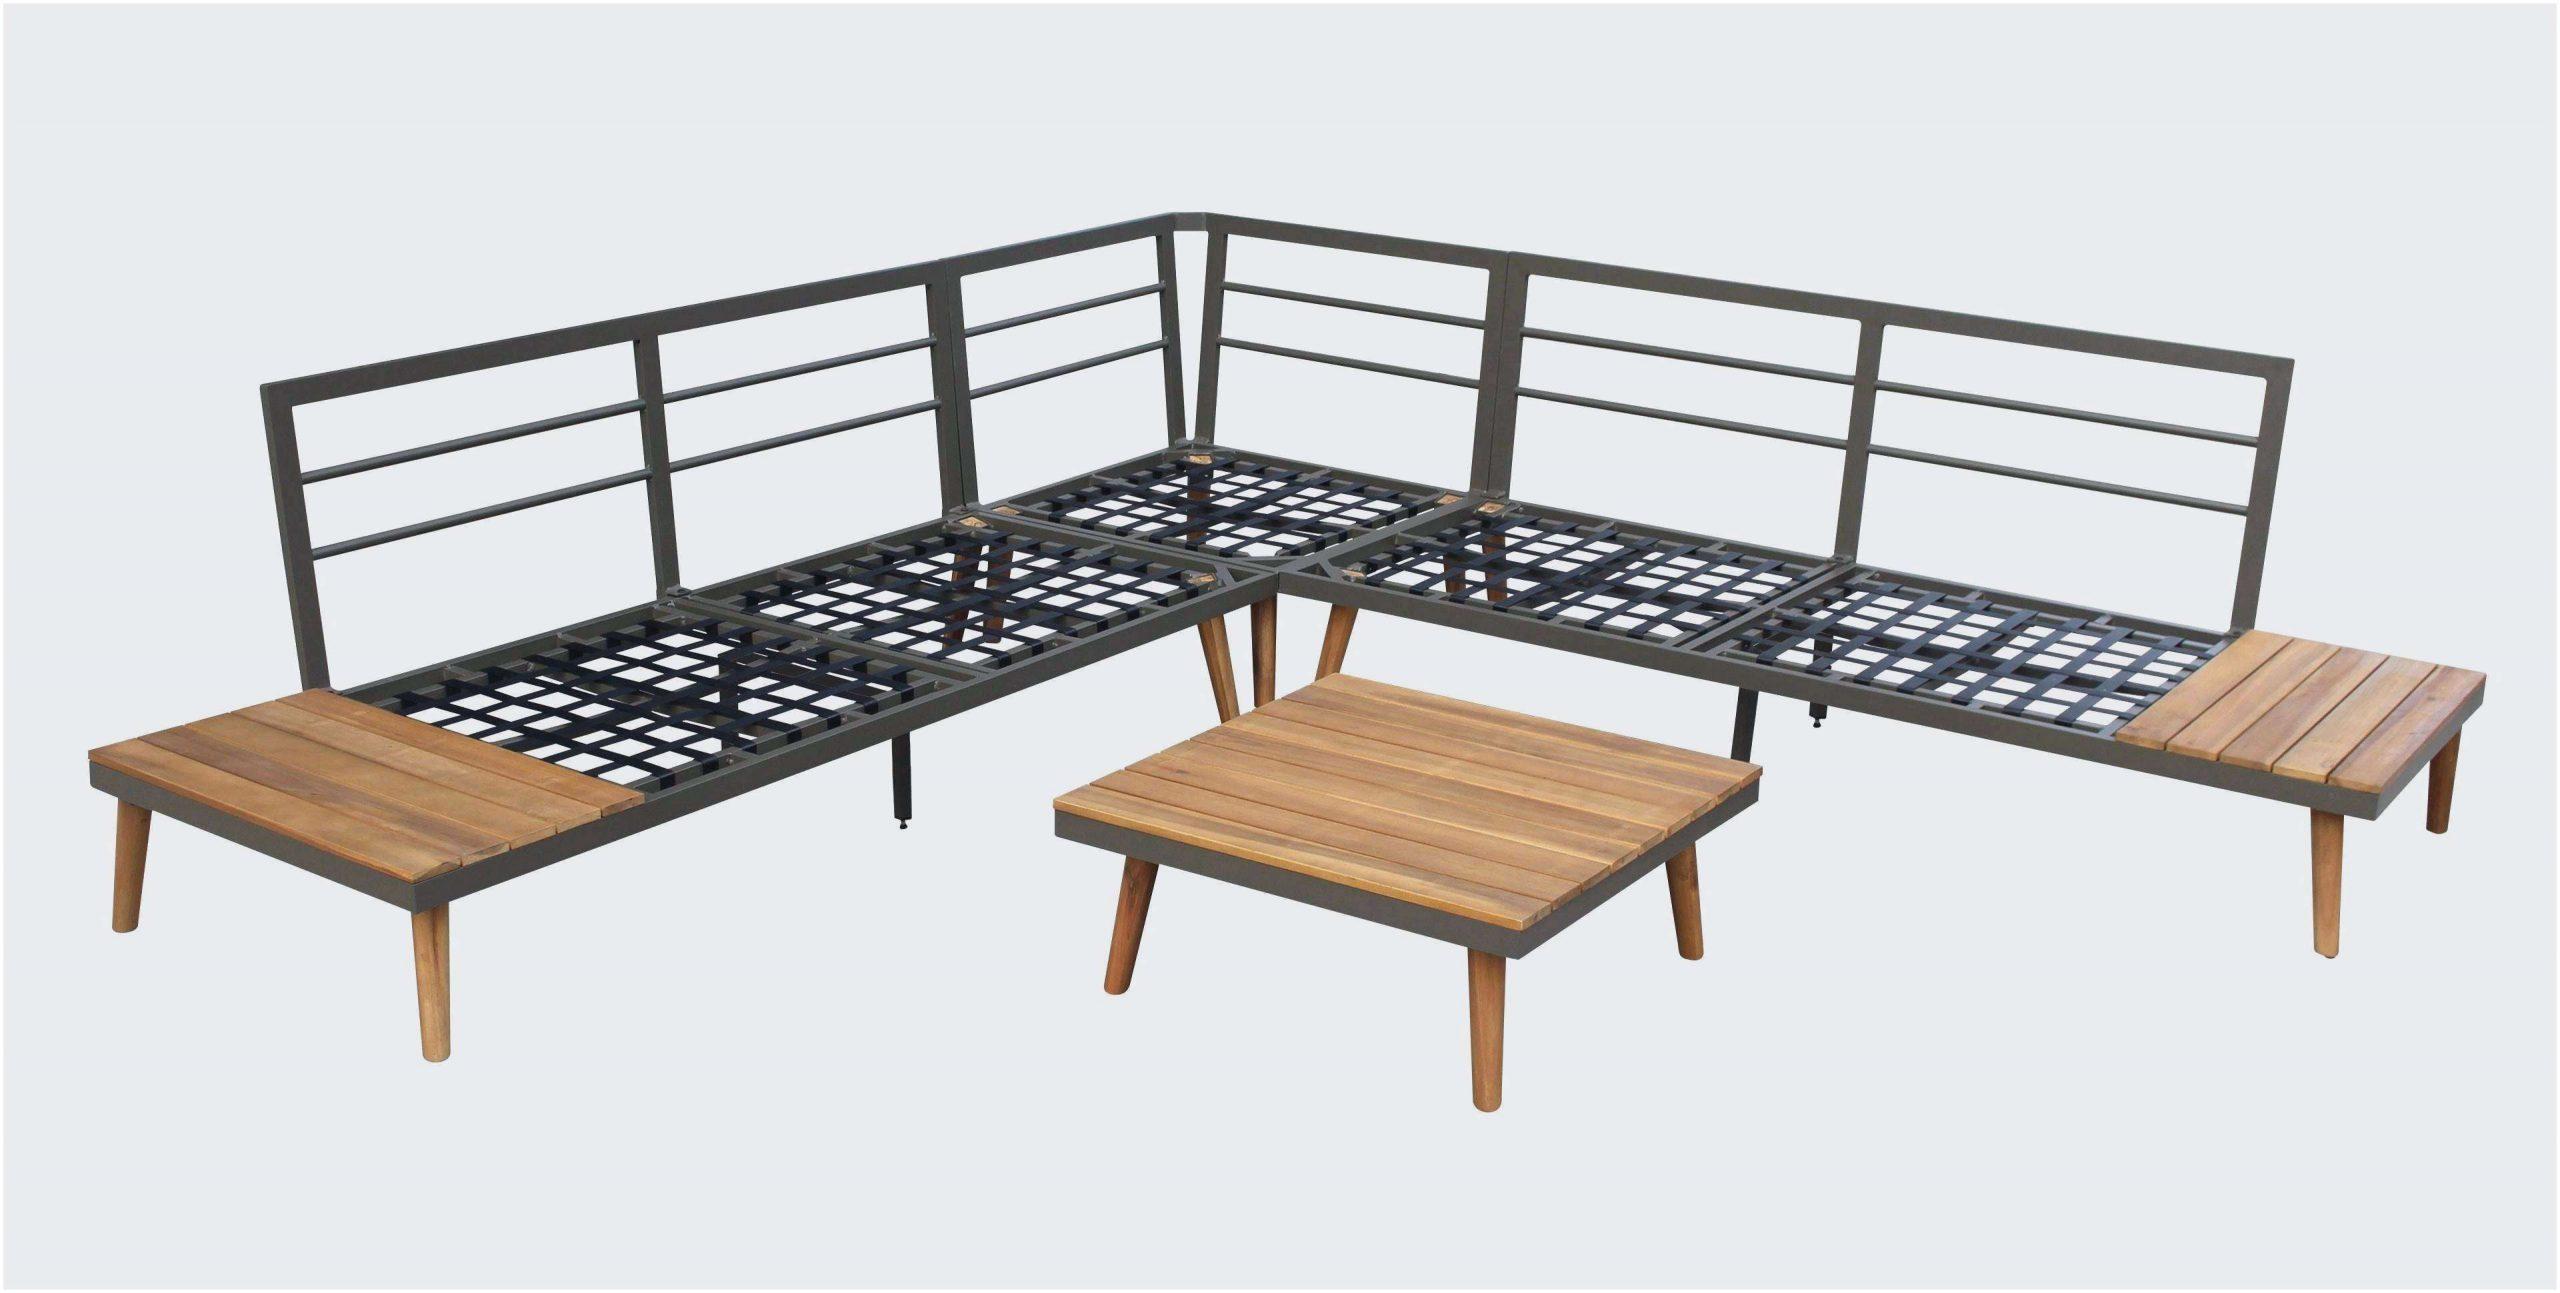 39 Scheme Coffre De Rangement Exterieur Ikea Destine Banc Coffre Jardin Ikea Idees Conception Jardin Idees Conception Jardin